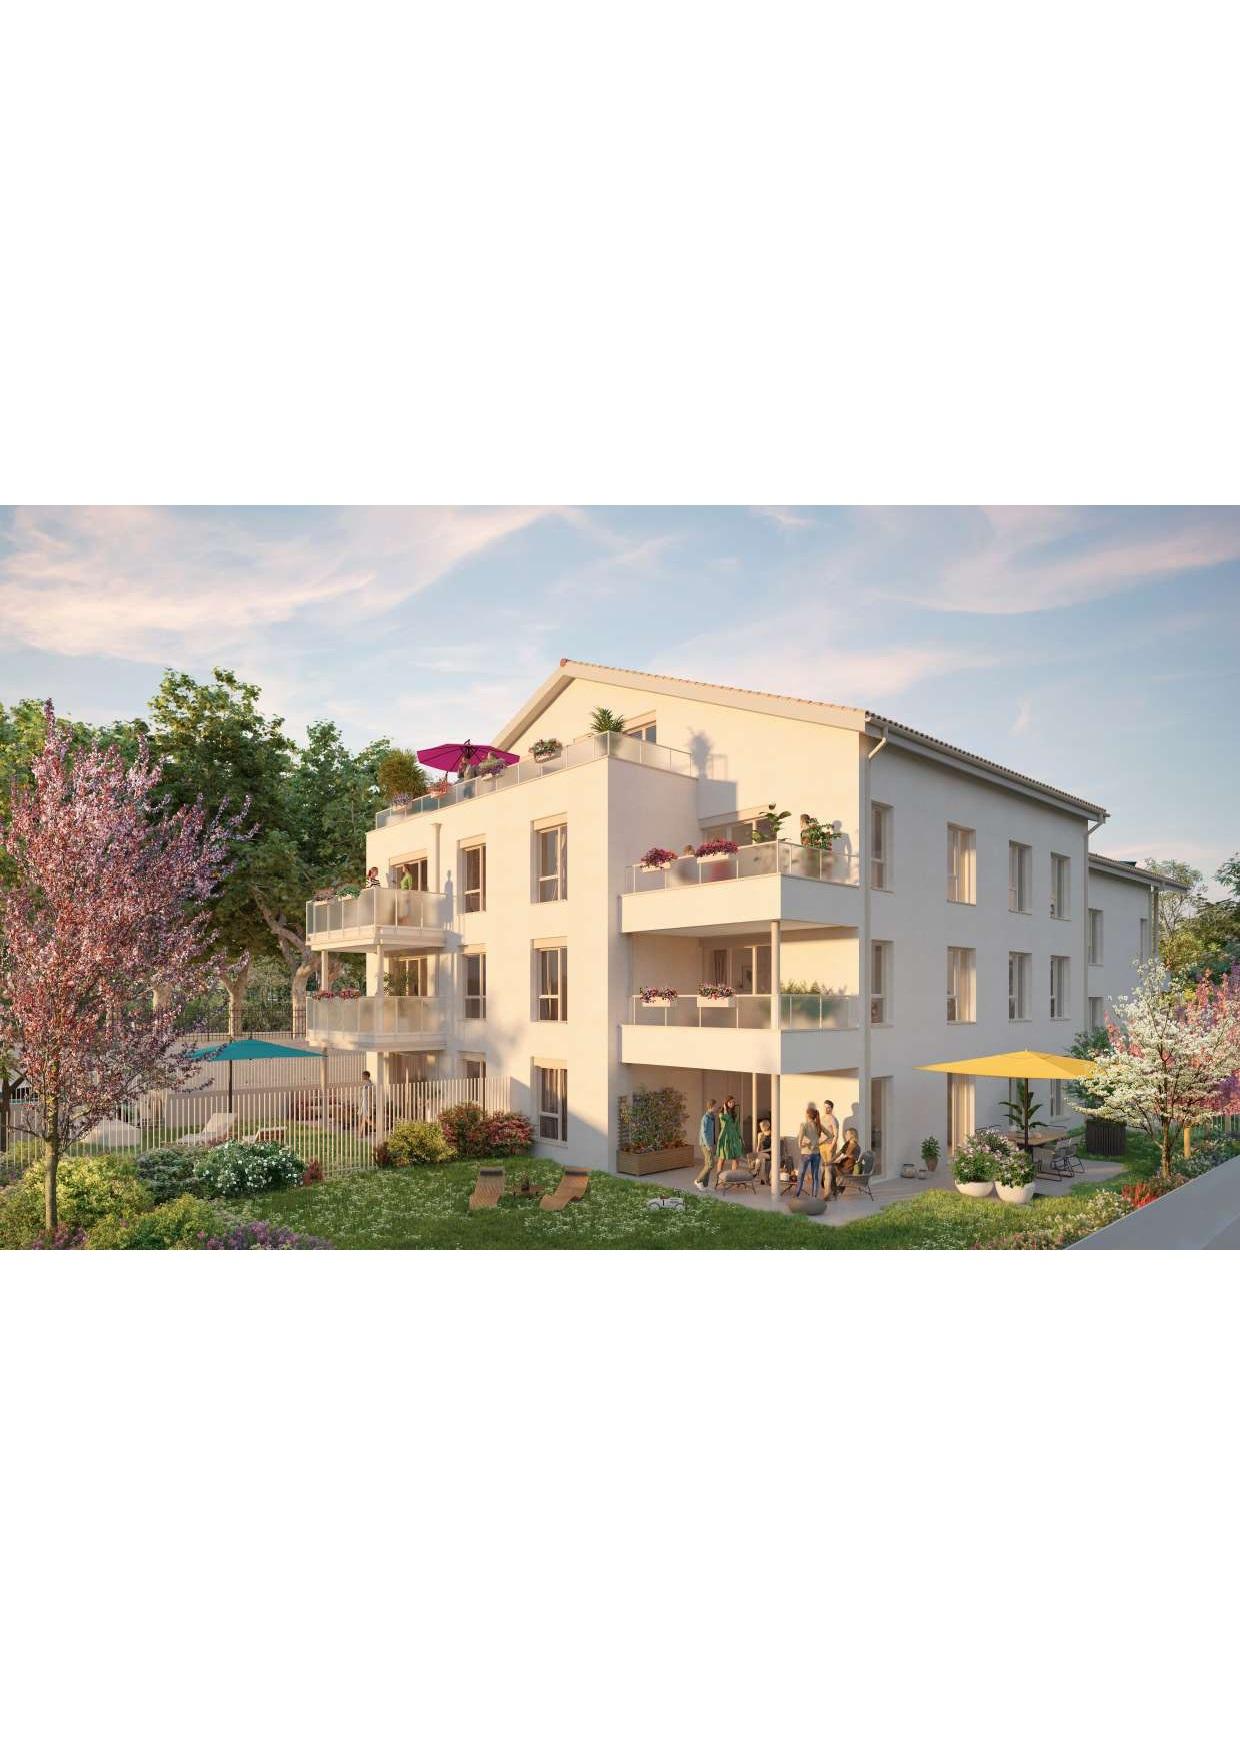 Programme immobilier SP14 appartement à Saint-Priest (69800) Environnement au charme rural